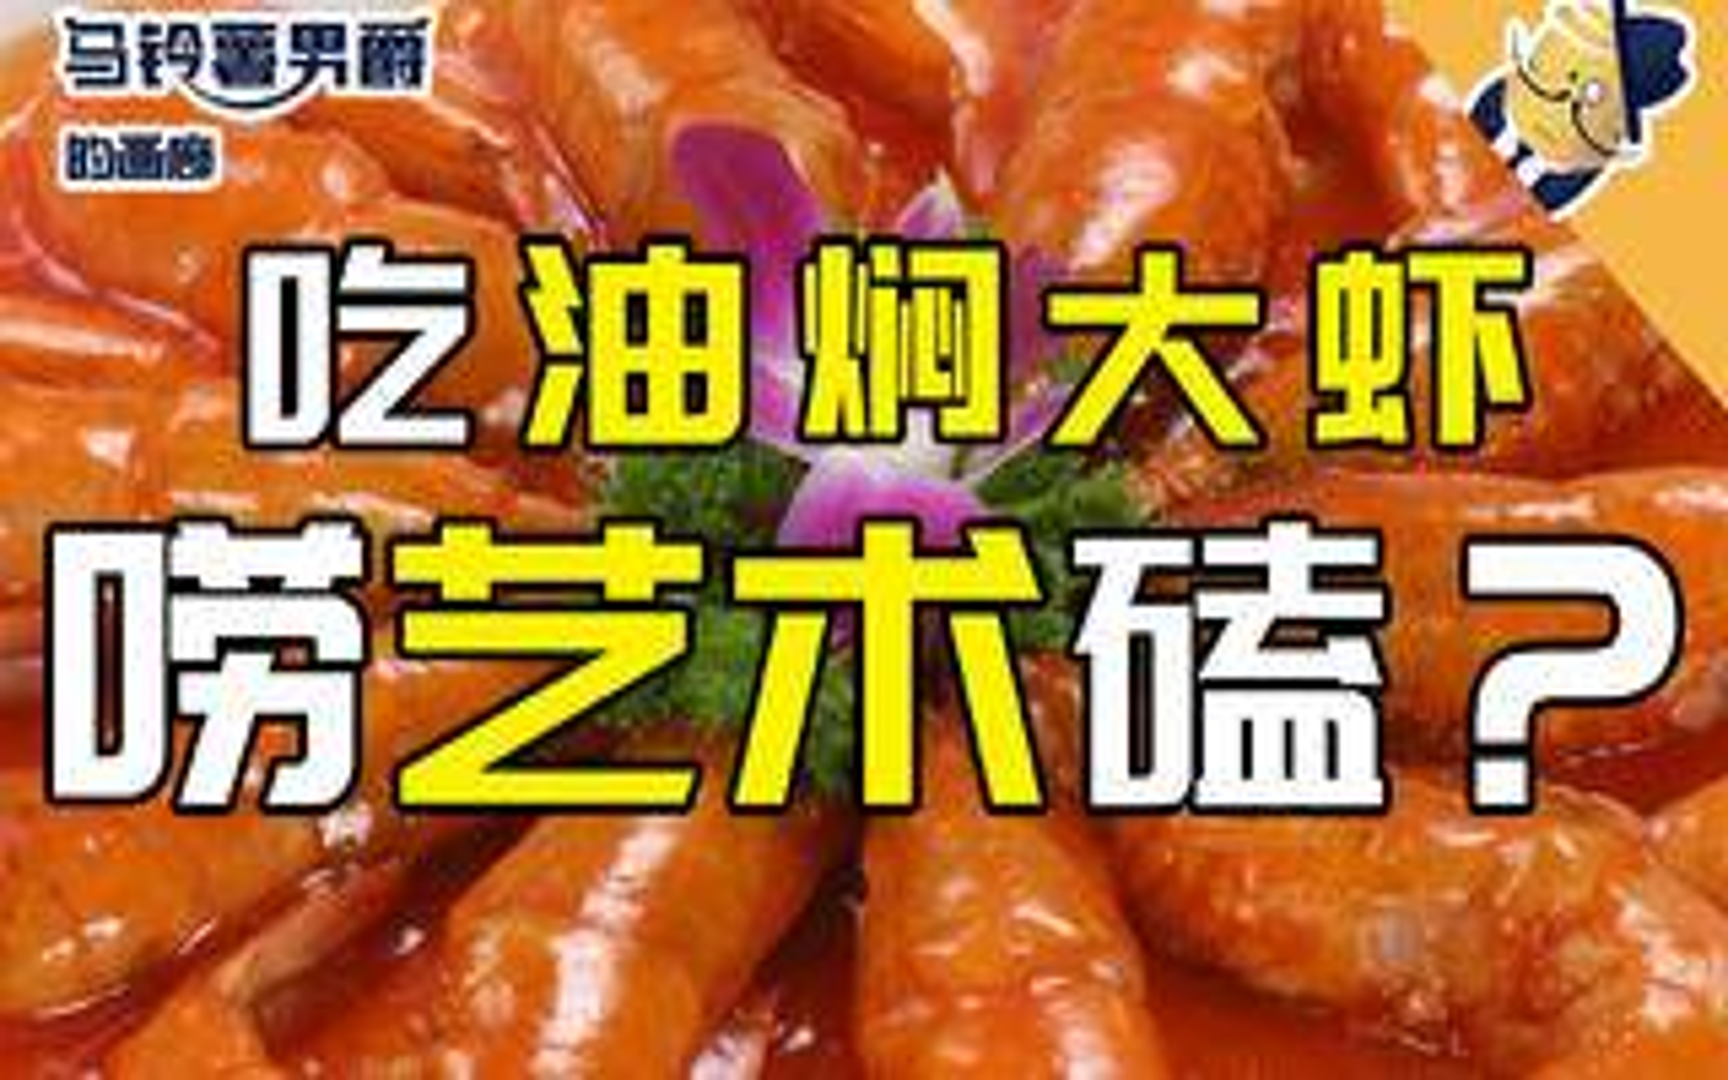 【男爵画廊】吃油焖大虾时,怎么唠艺术嗑!